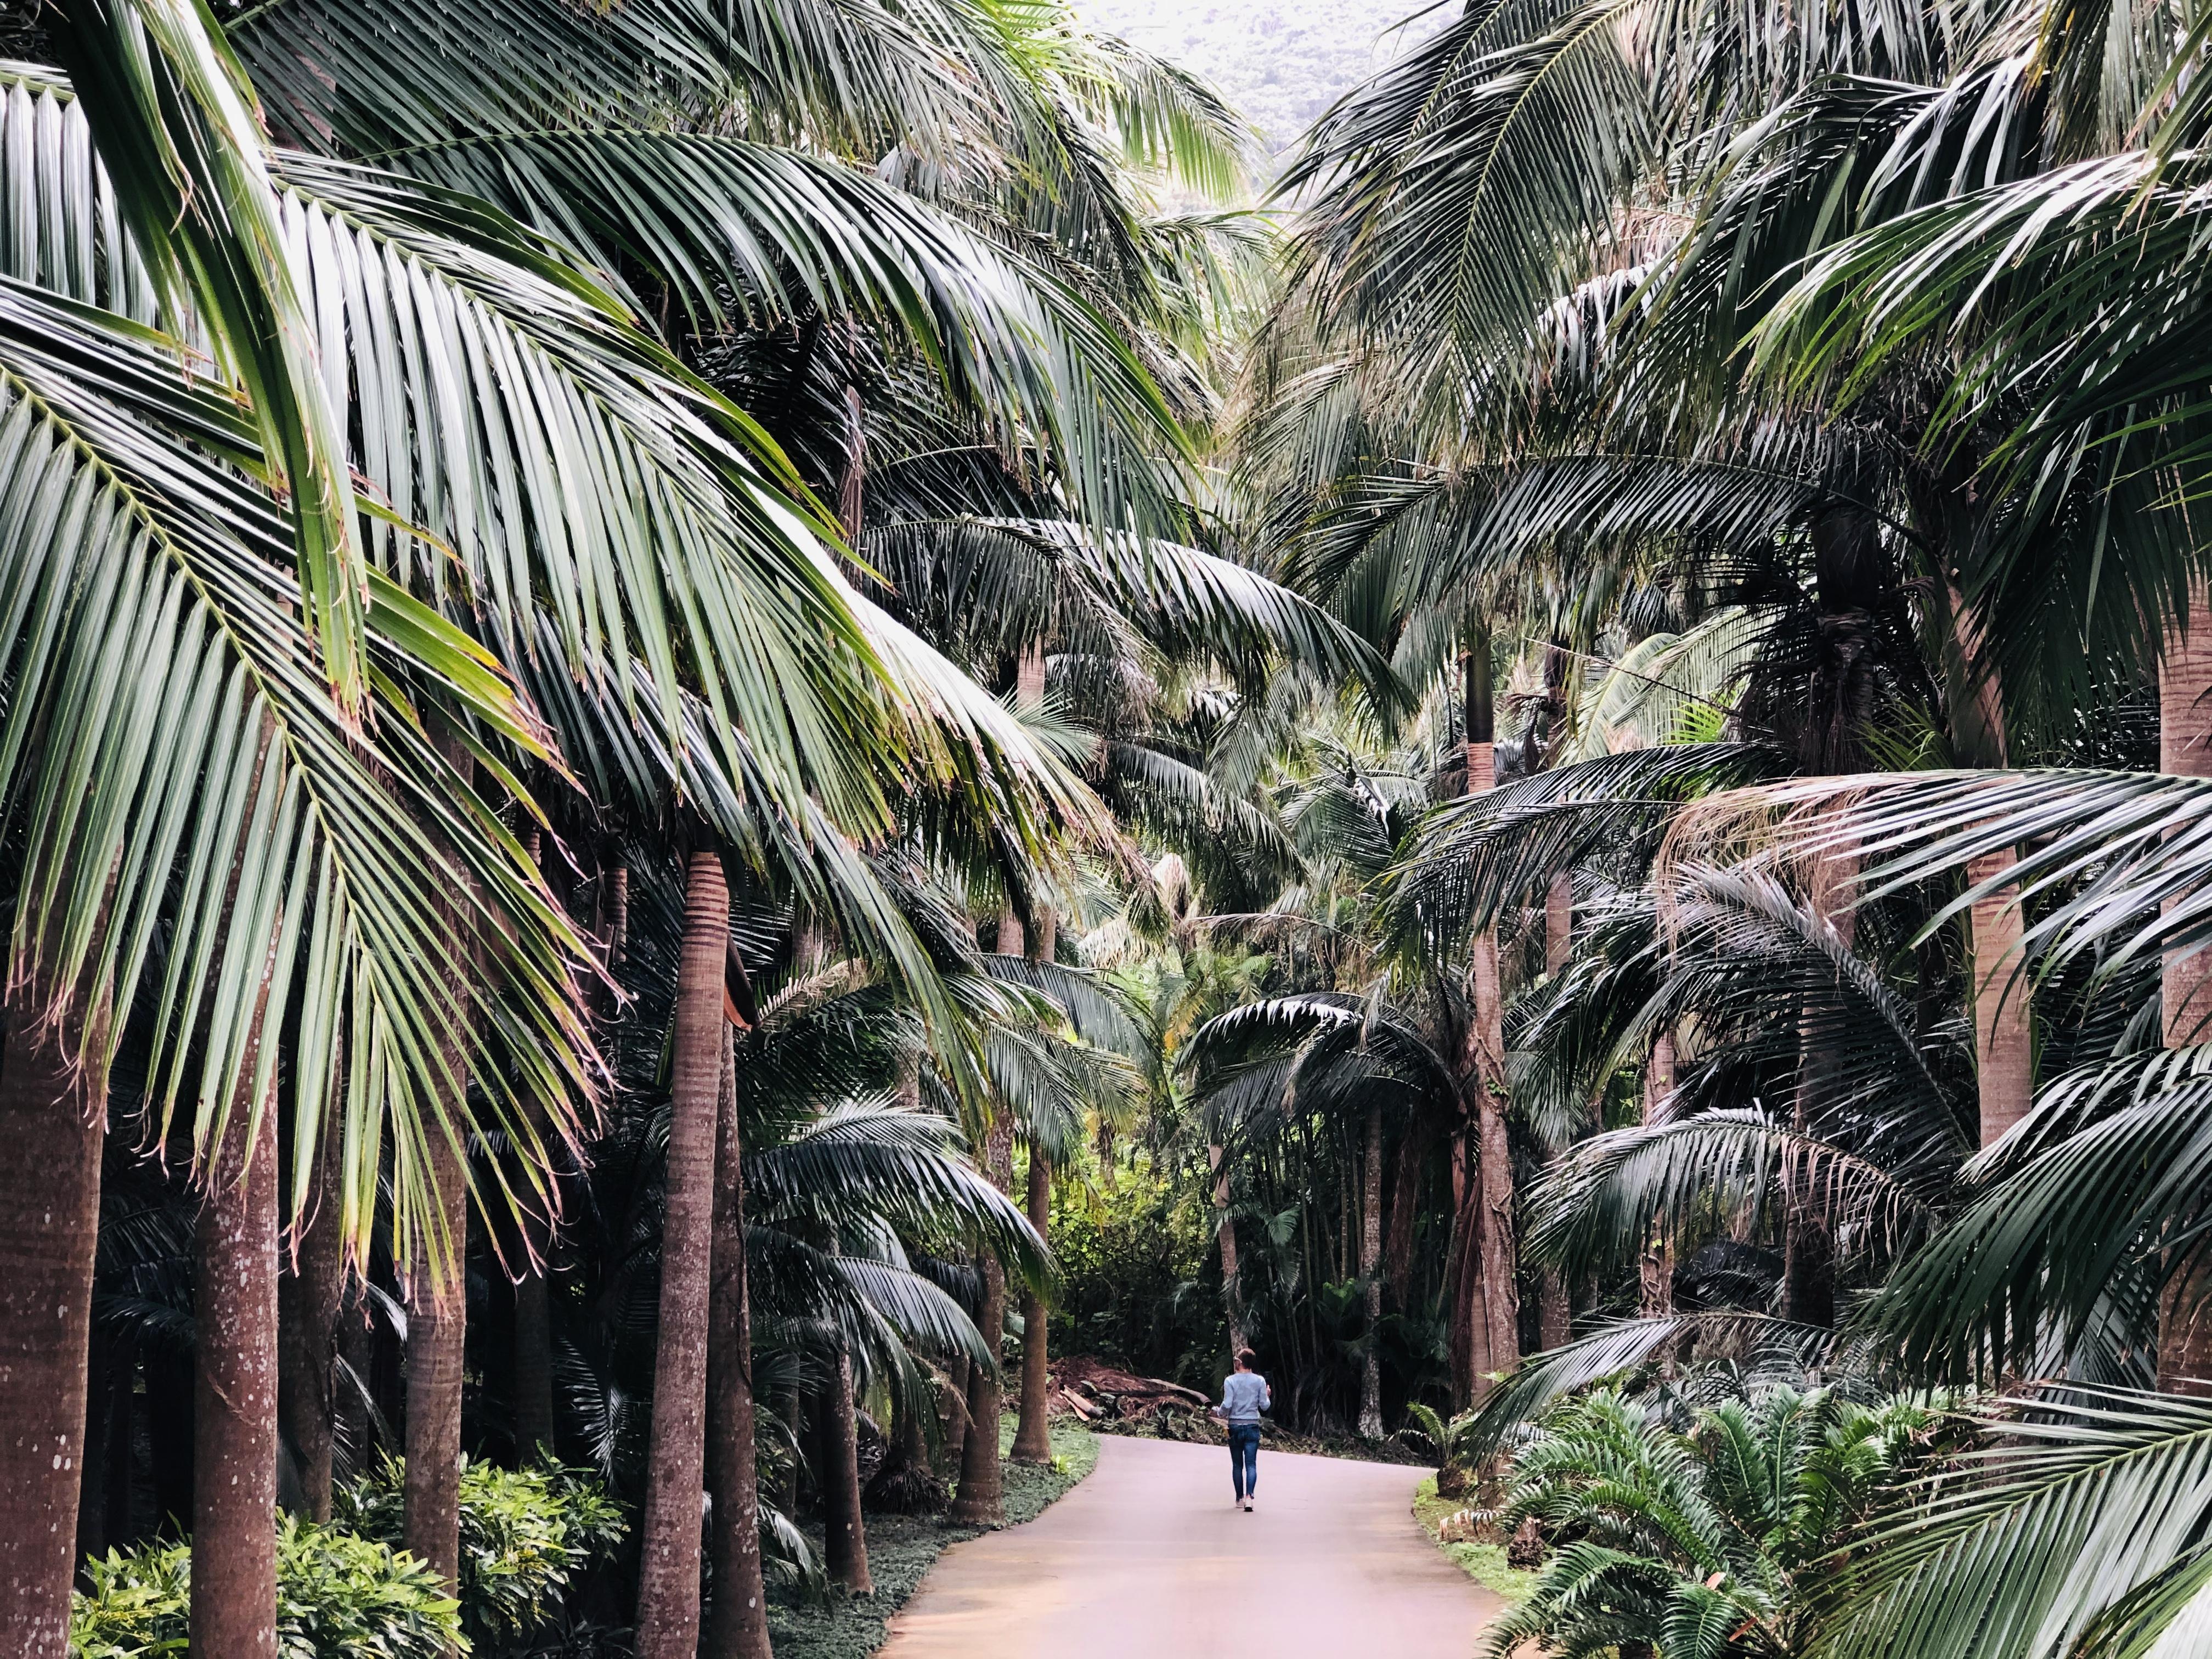 石垣島の隠れ観光スポット「ヤエヤマヤシ群落」で自然を満喫♪